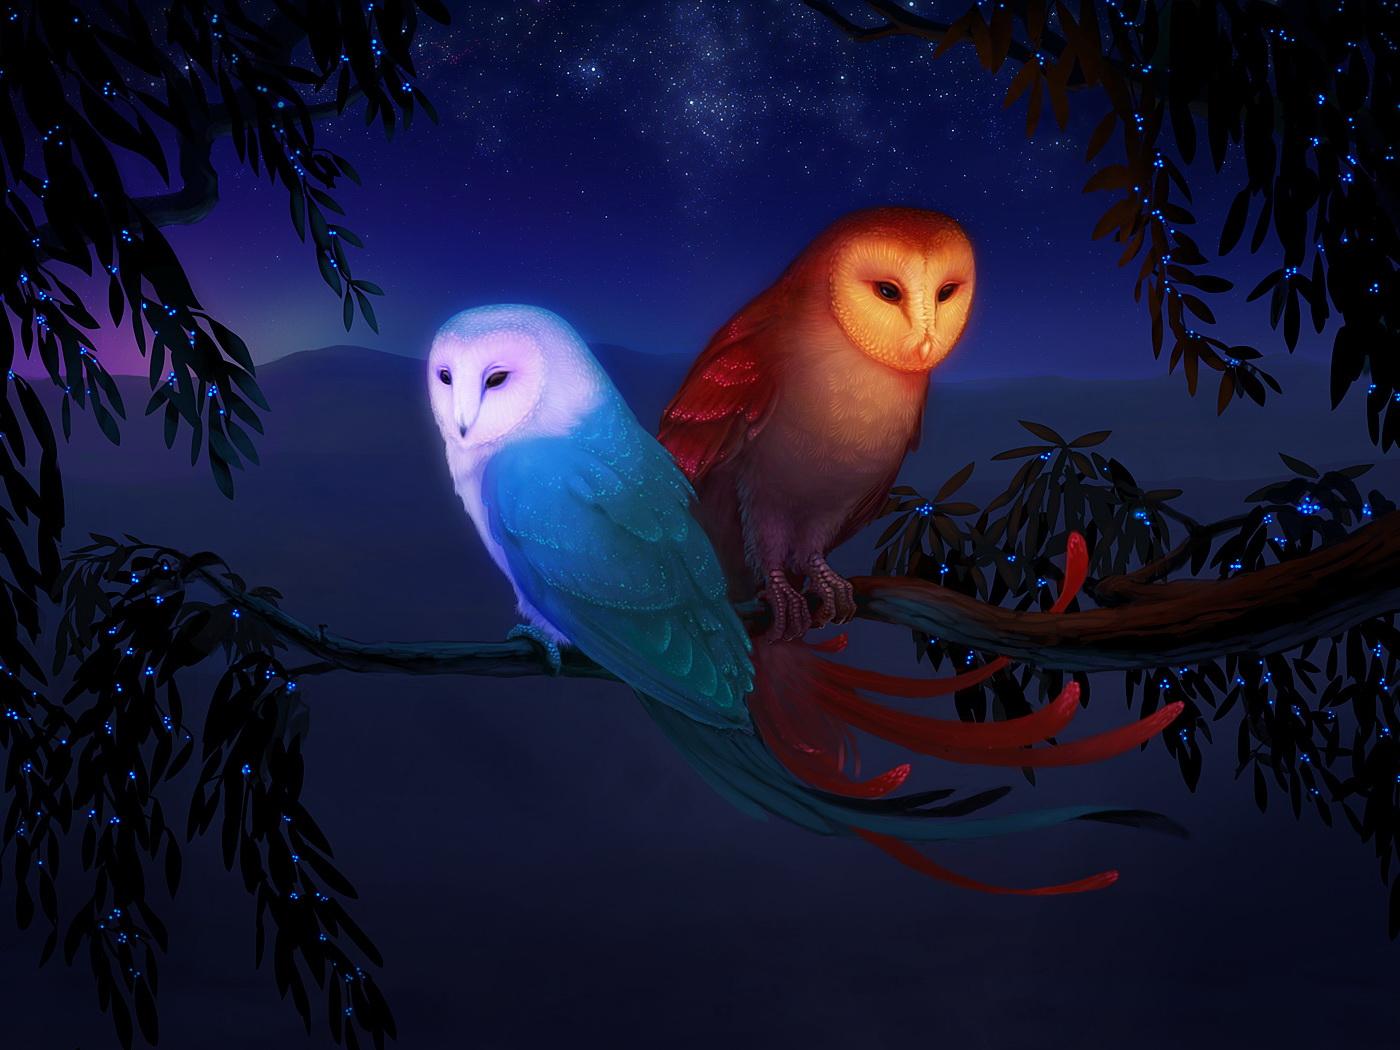 Banco de imgenes Pareja de bhos enamorados en noche de luna llena